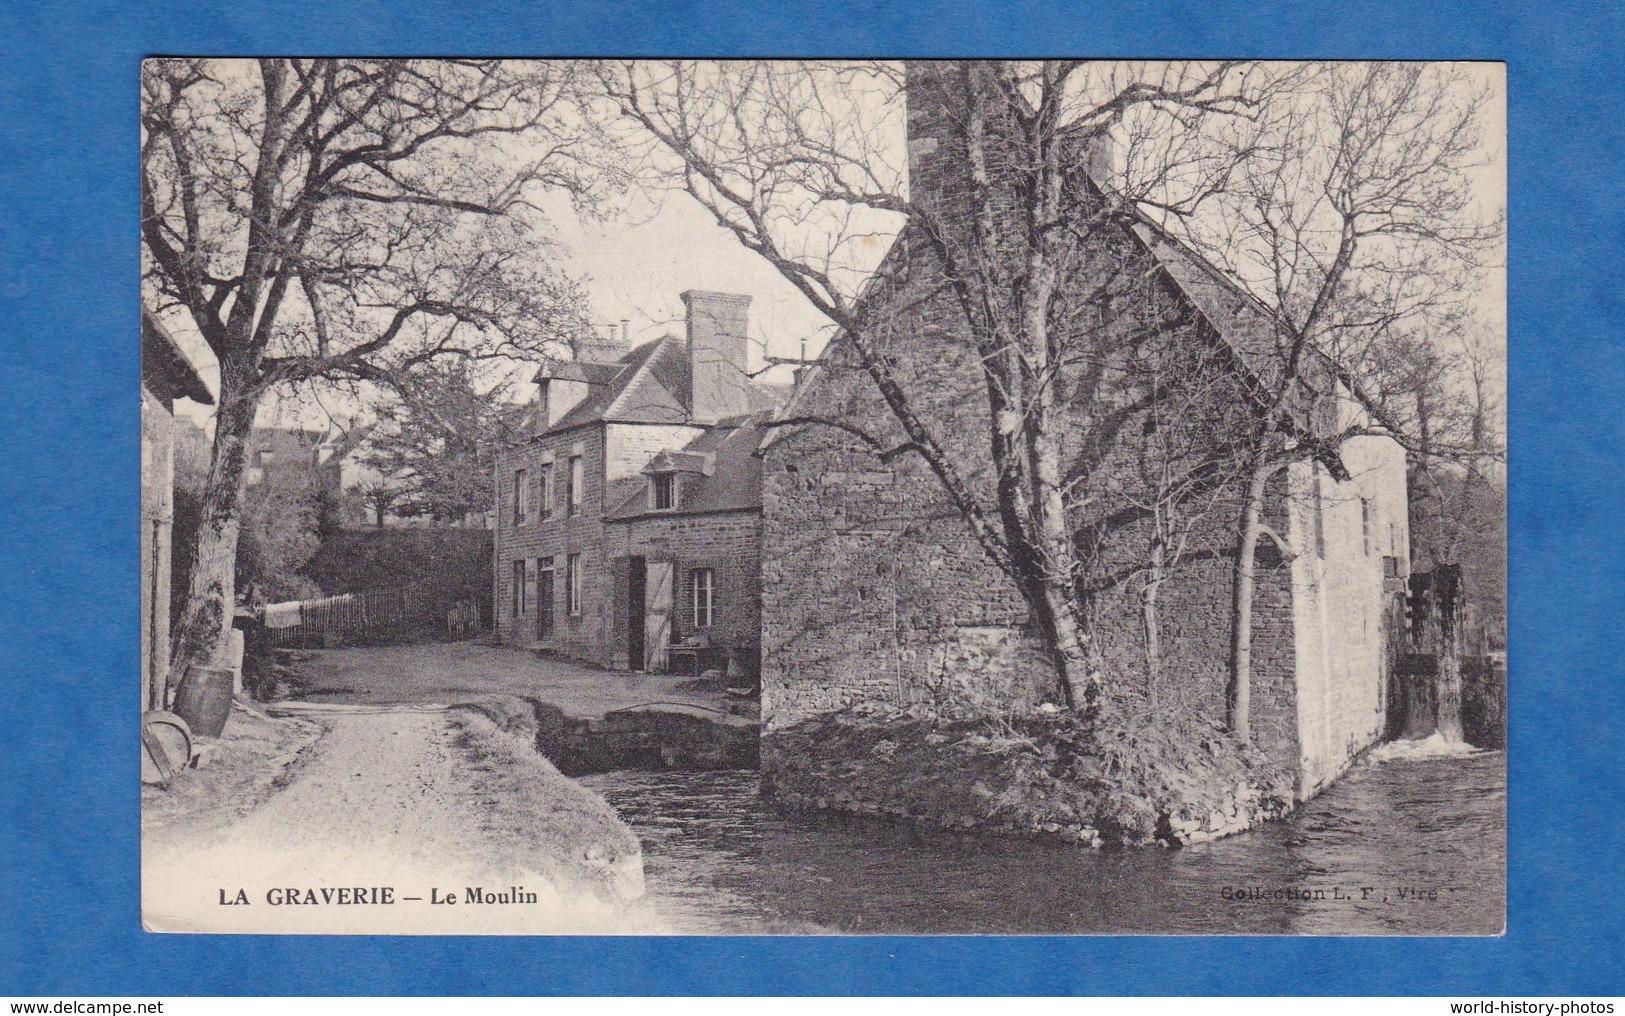 CPA - LA GRAVERIE - Le Moulin - Calvados - Prés Carville Coulonces Burcy - France